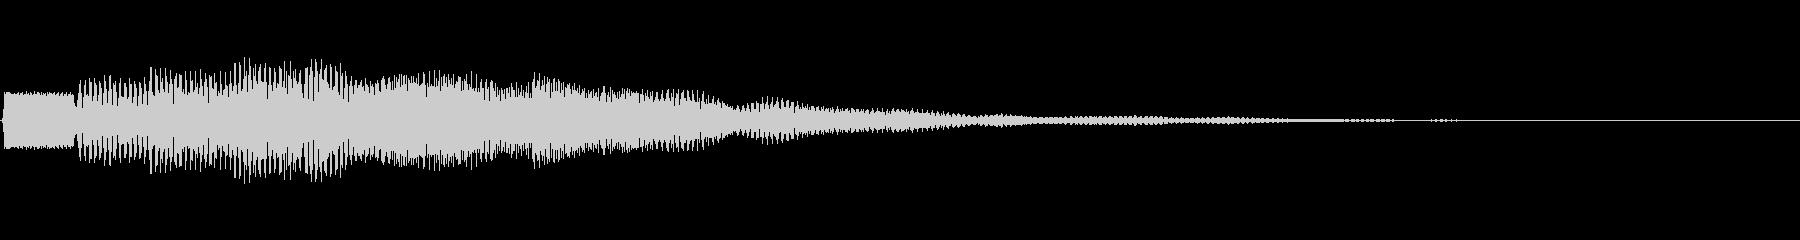 テュルル:アナウンス・呼び出し・案内cの未再生の波形